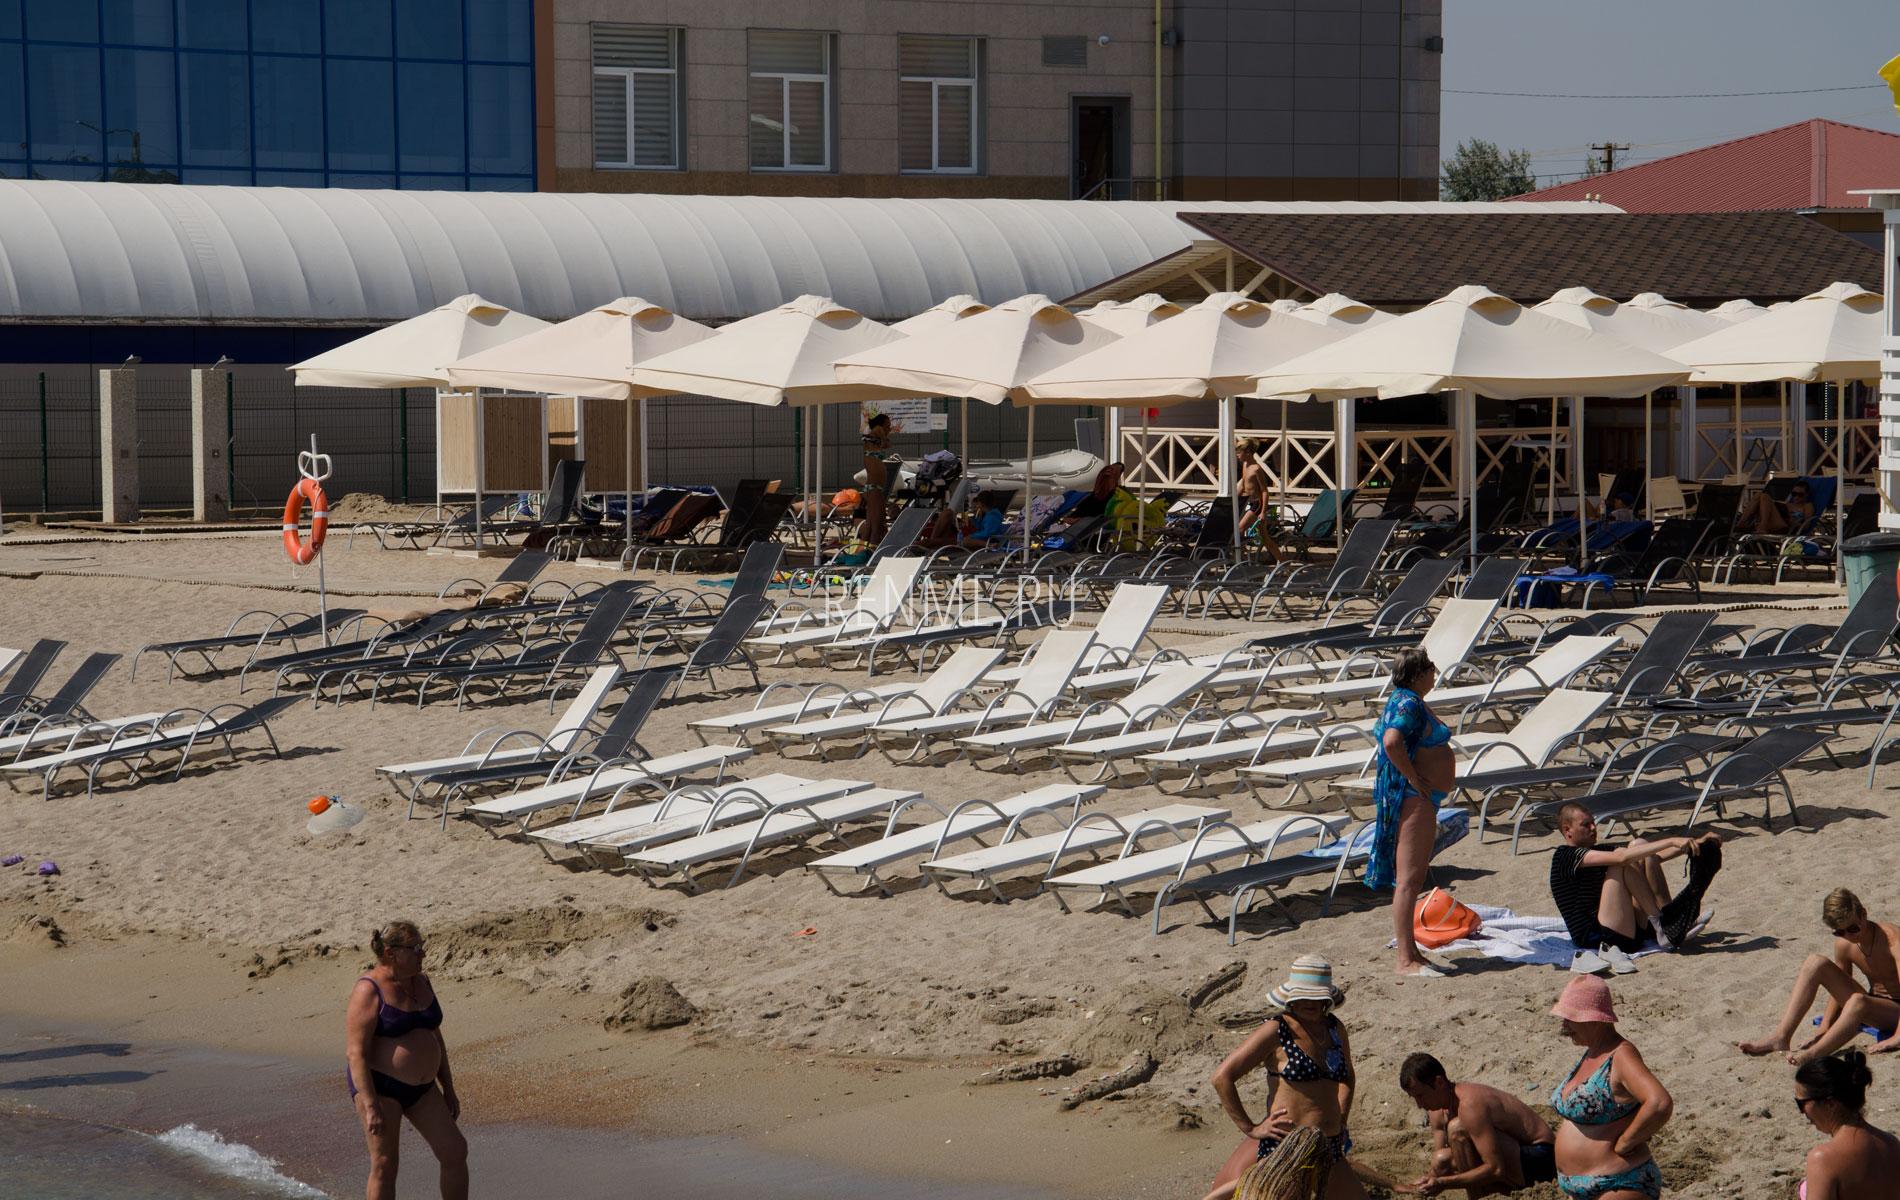 Песчаный пляж с удобствами в Евпатории. Фото Евпатории